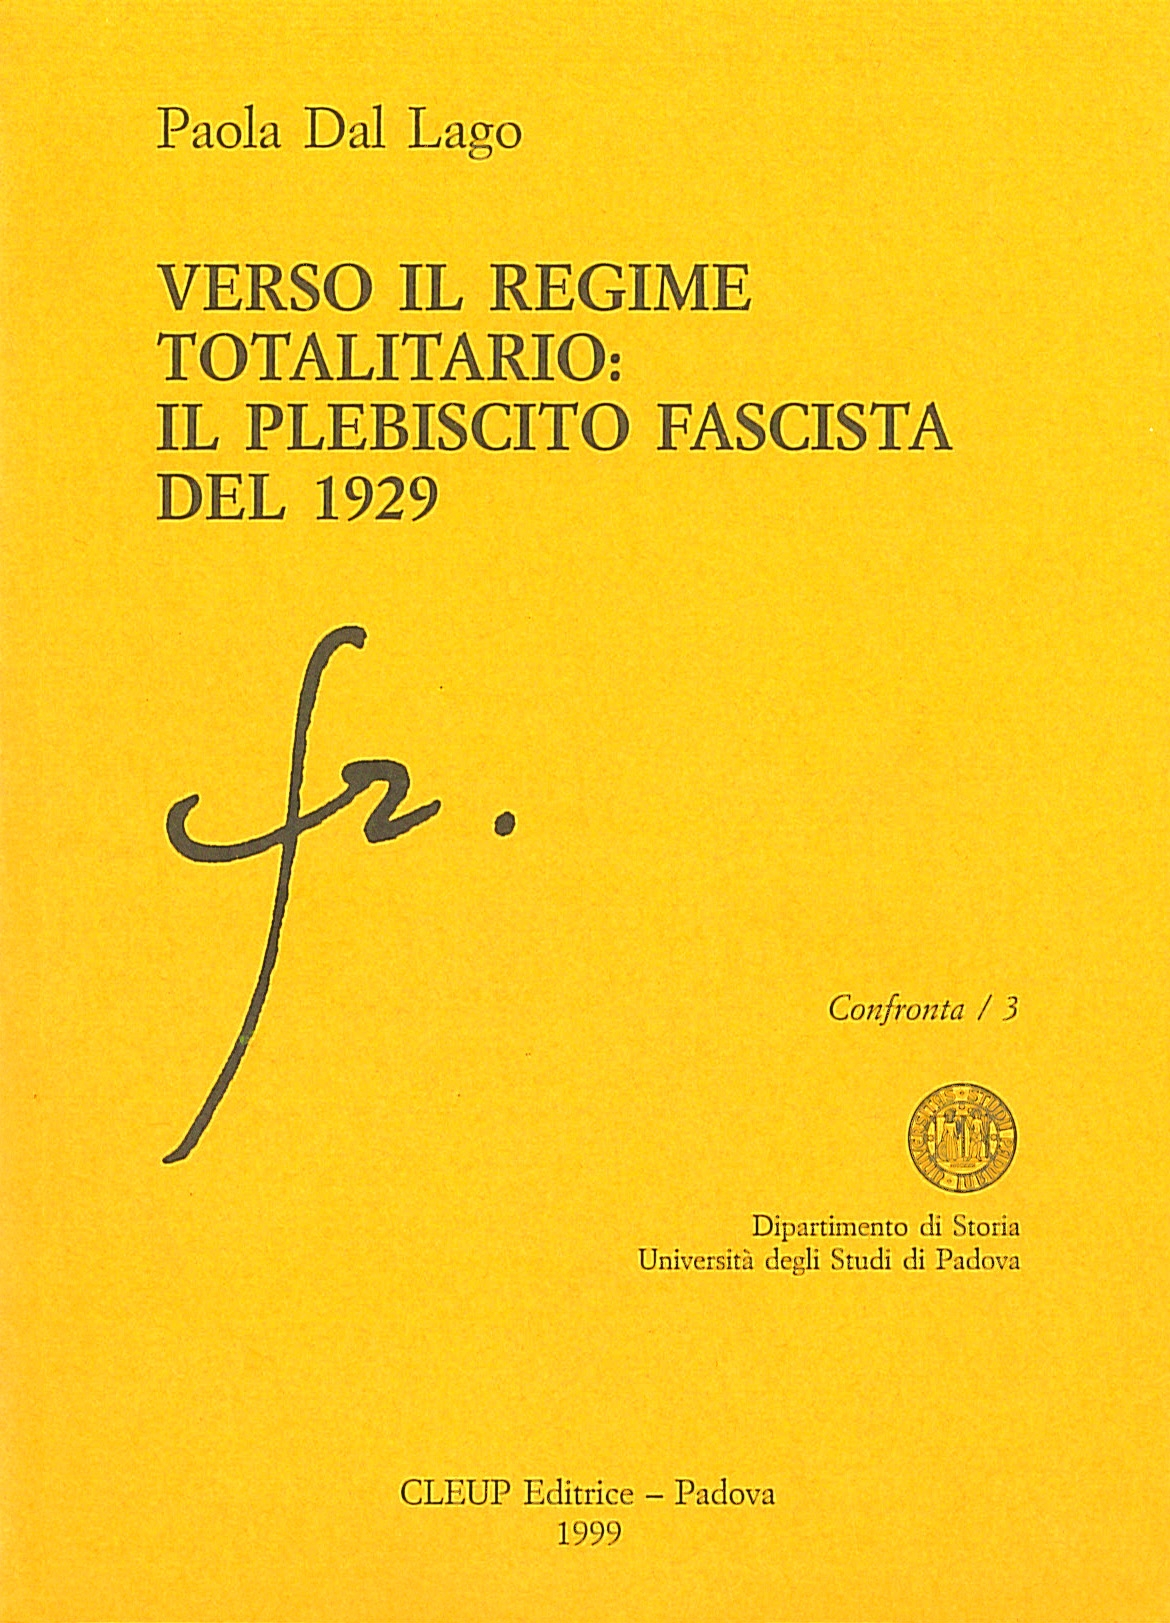 Verso il regime totalitario: il plebiscito fascista del 1929